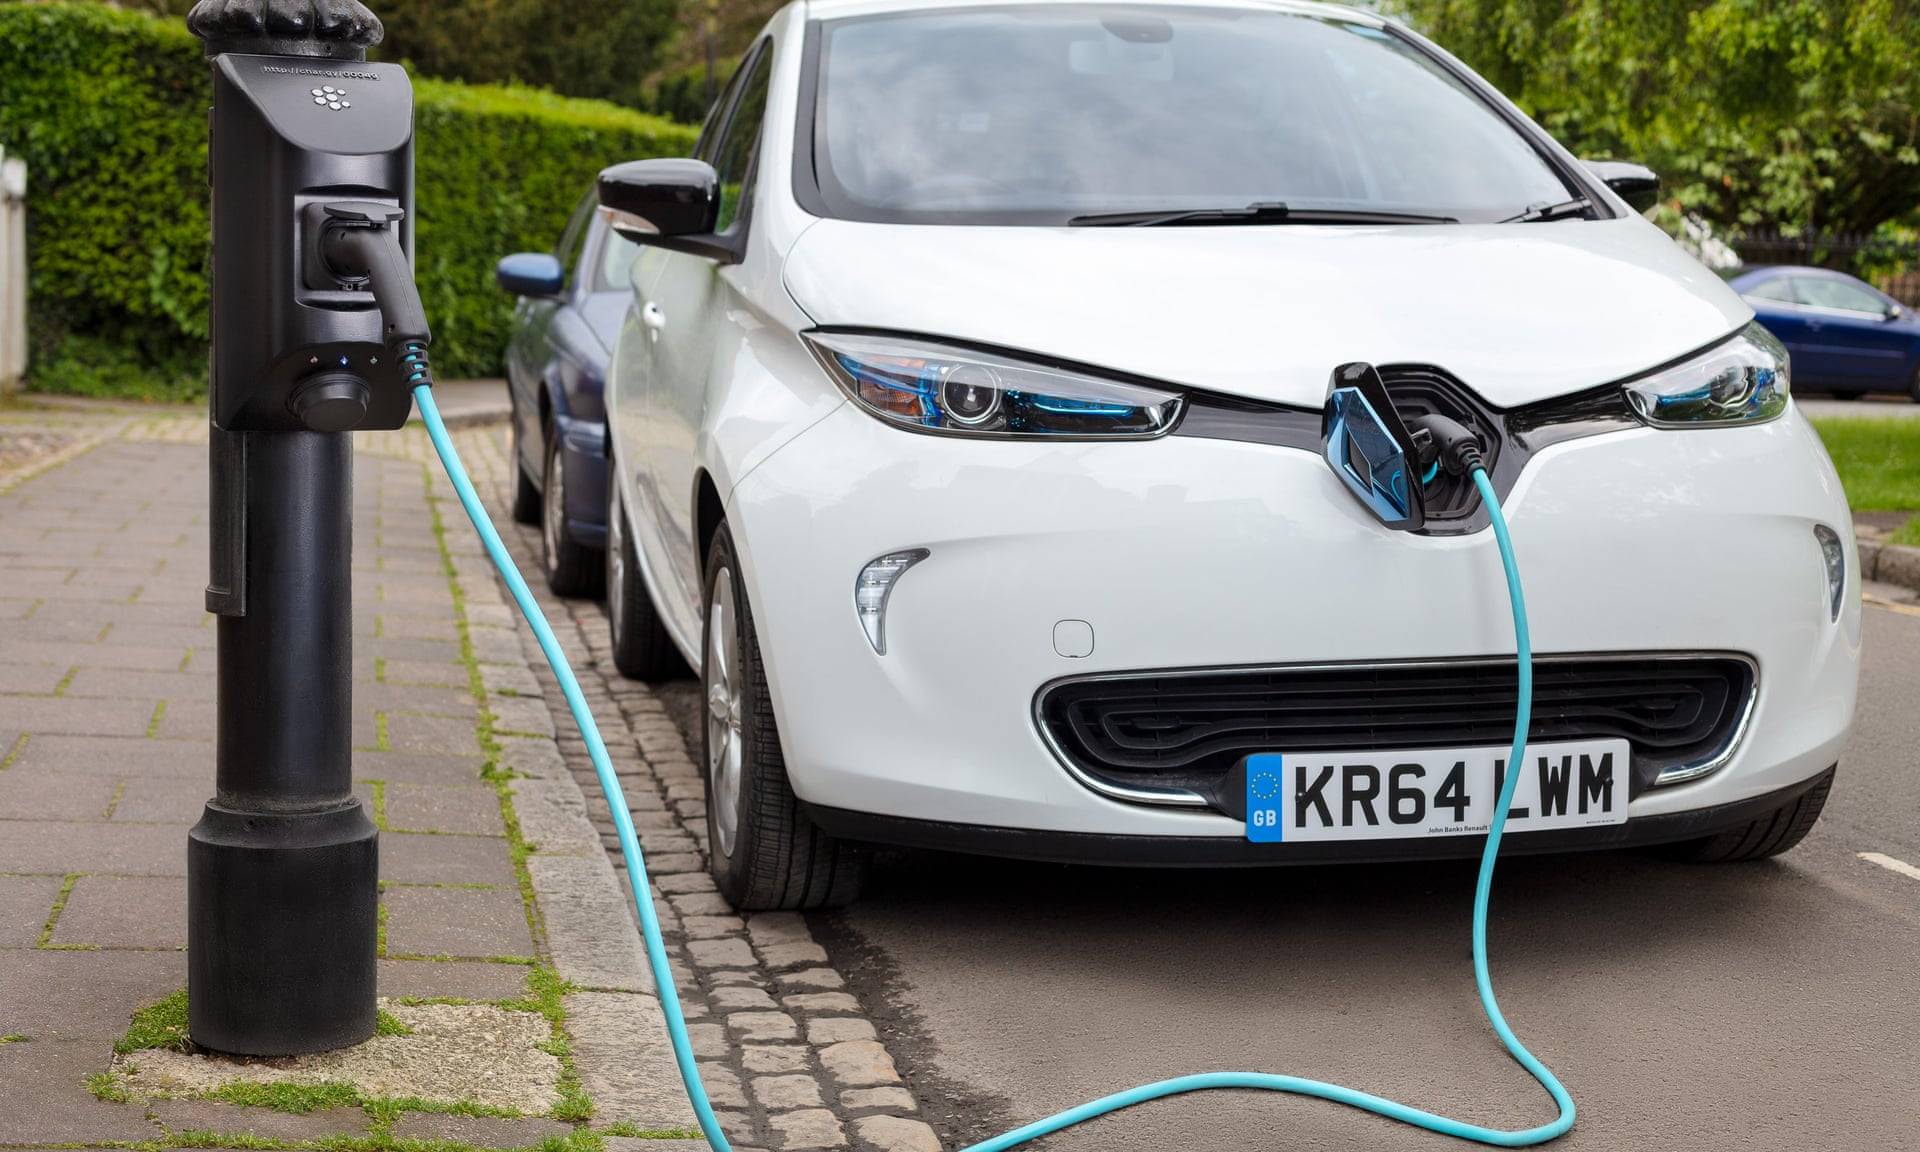 Ô tô điện là nạn nhân tiếp theo của cơn sốt giá hàng hoá - Ảnh 2.